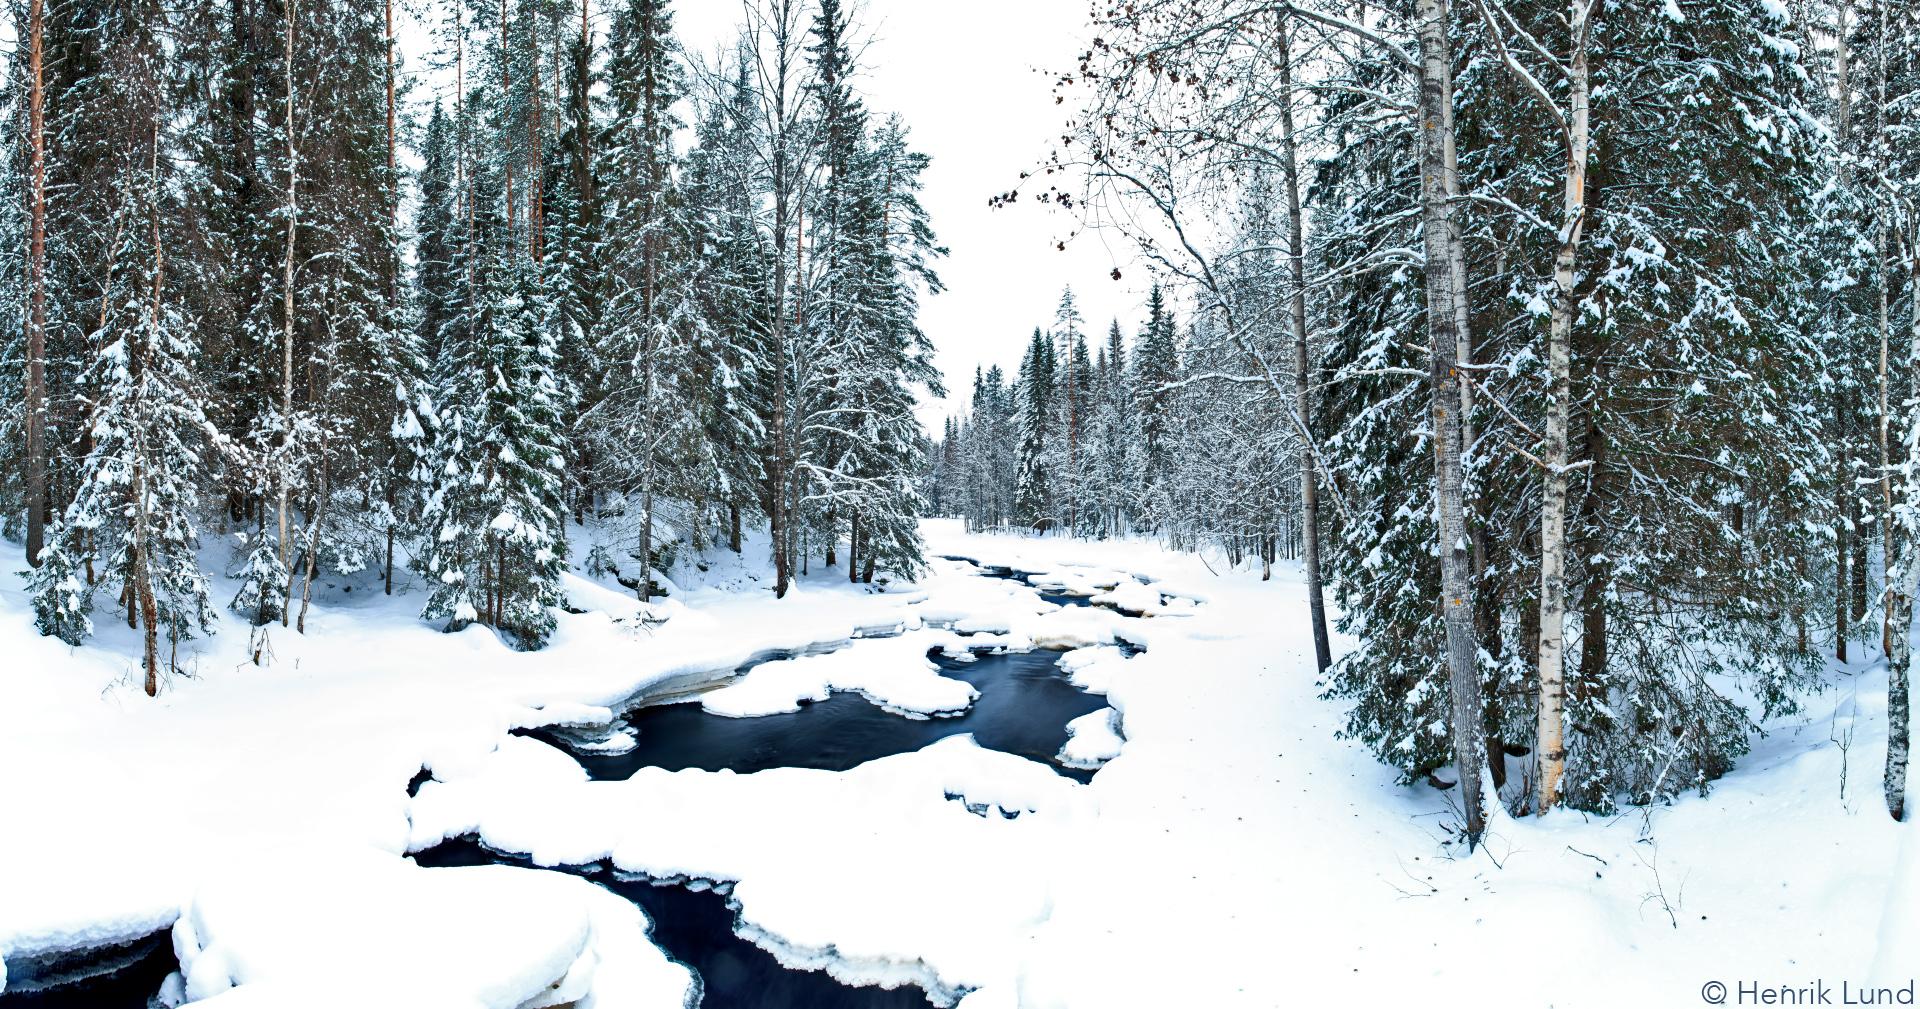 View over Vekarus, Joensuu, Finland. February 2017.